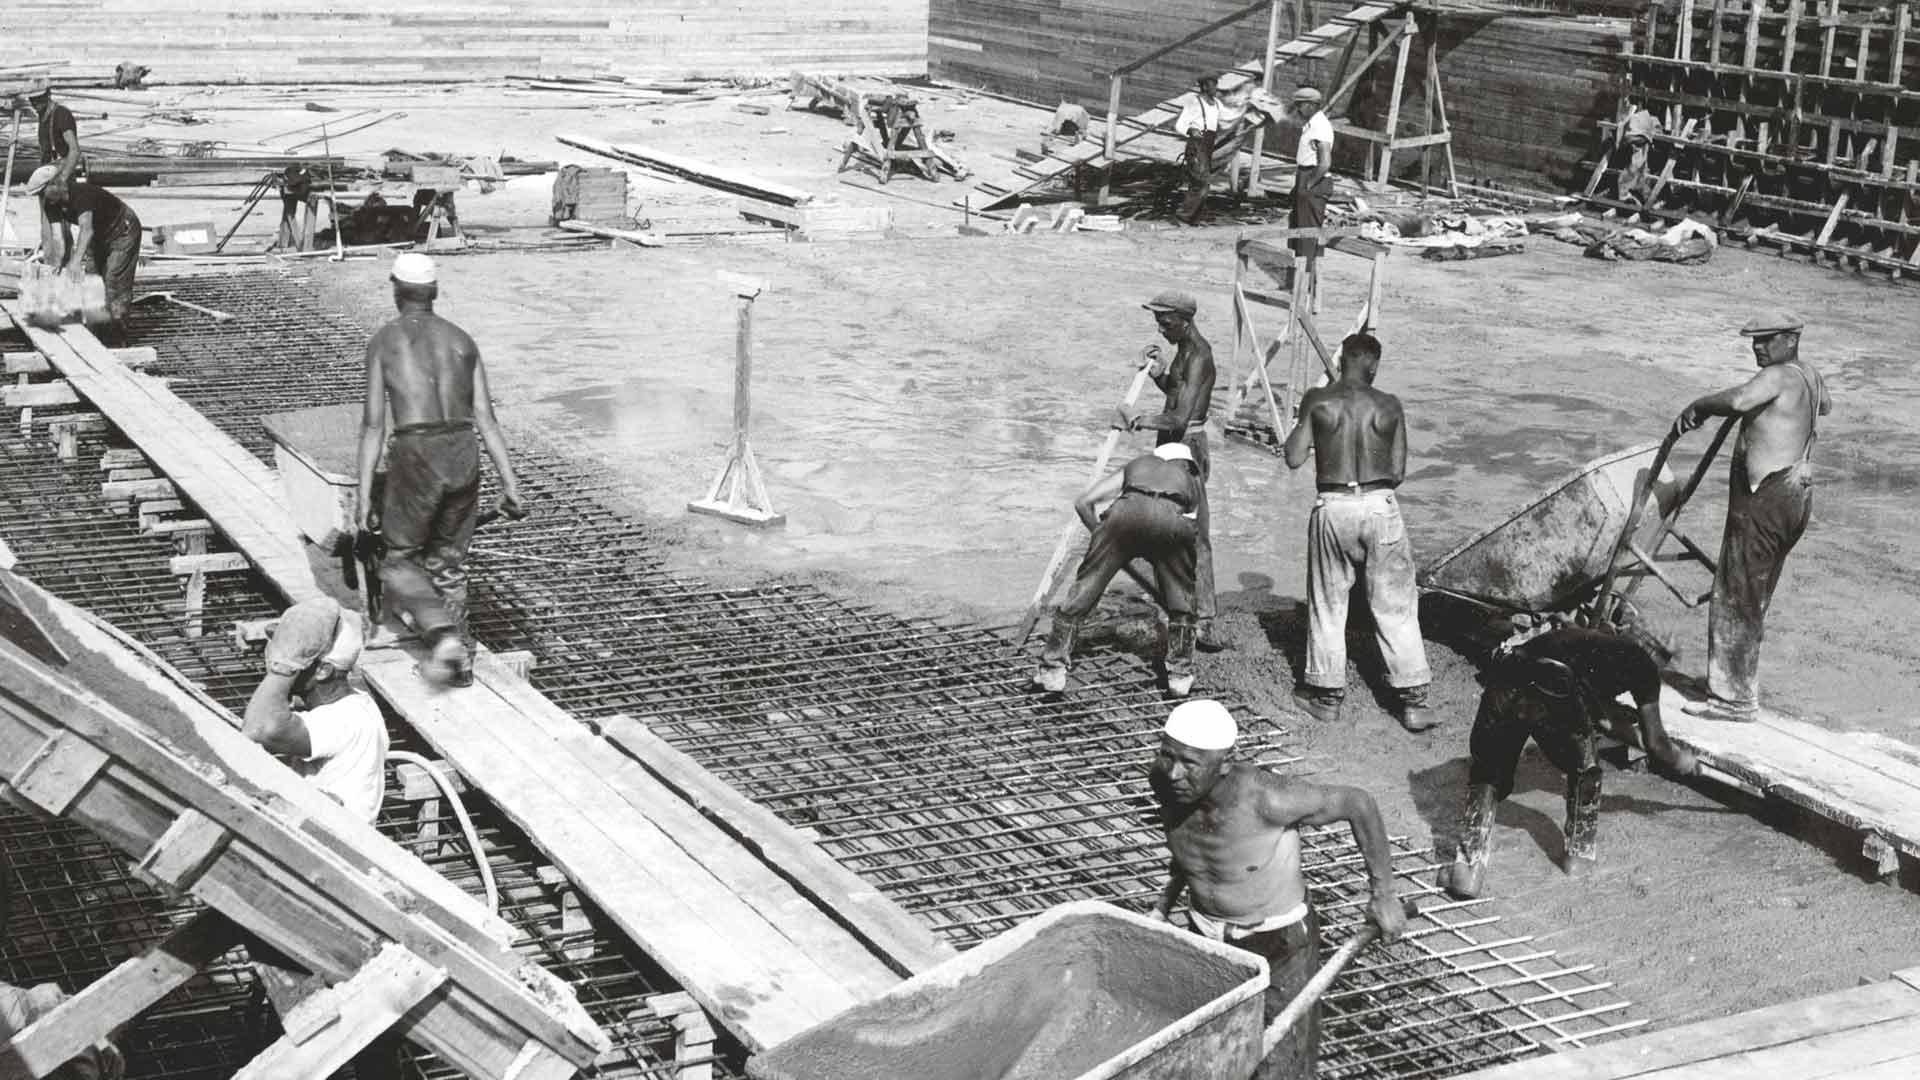 Uimastadionin rakennustyöt olivat kiivaimmillaan kuumana kesänä 1939.